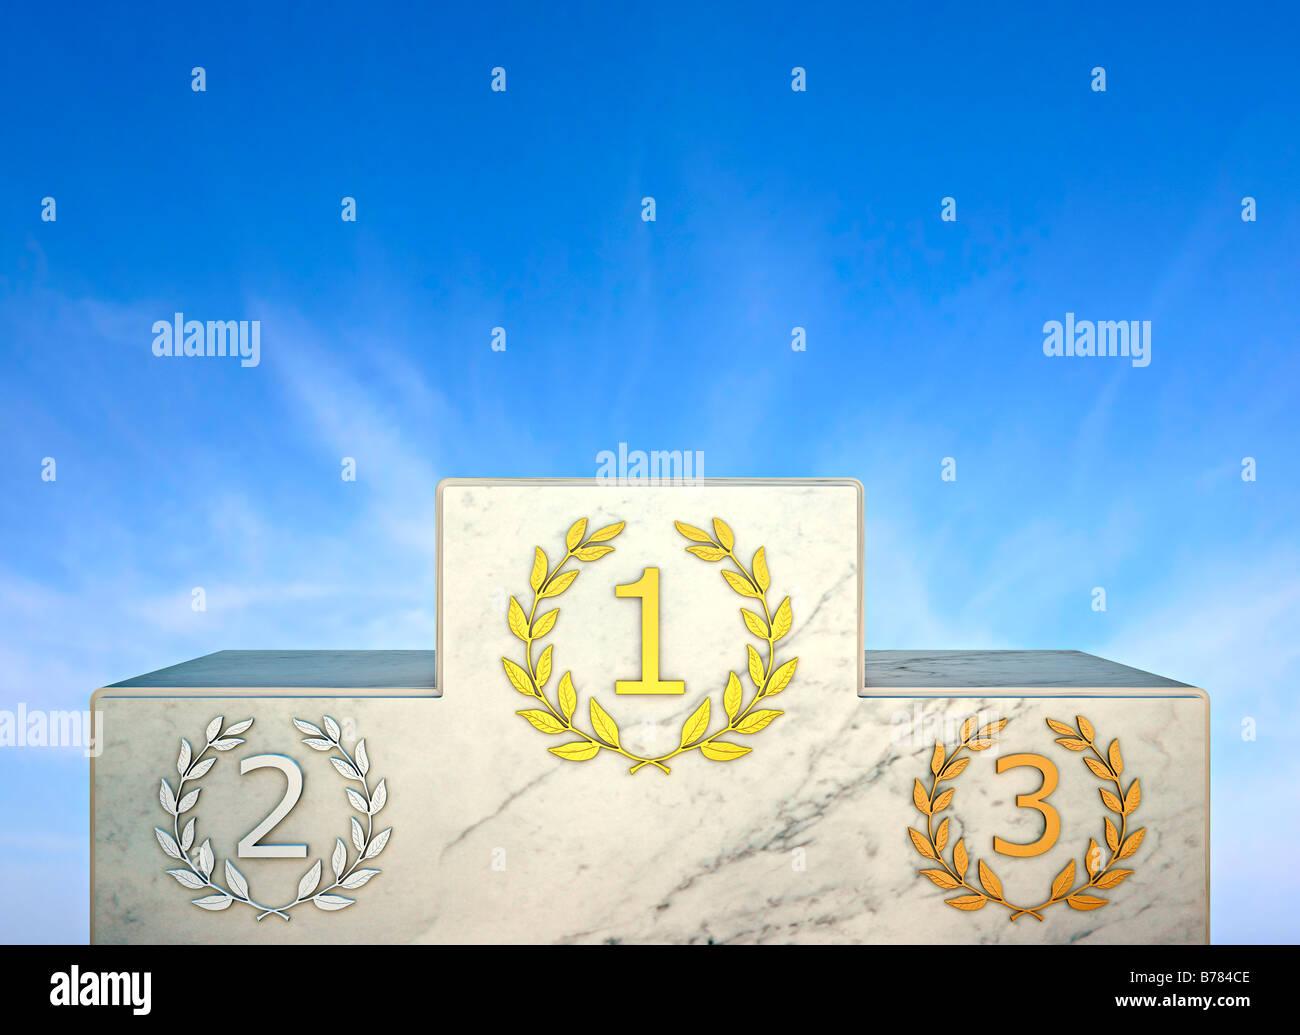 Rostro, Siegerpodest, confronto concorrenza, Wettbewerb, Auszeichnung, Gewinn, Campione, Erfolg Immagini Stock